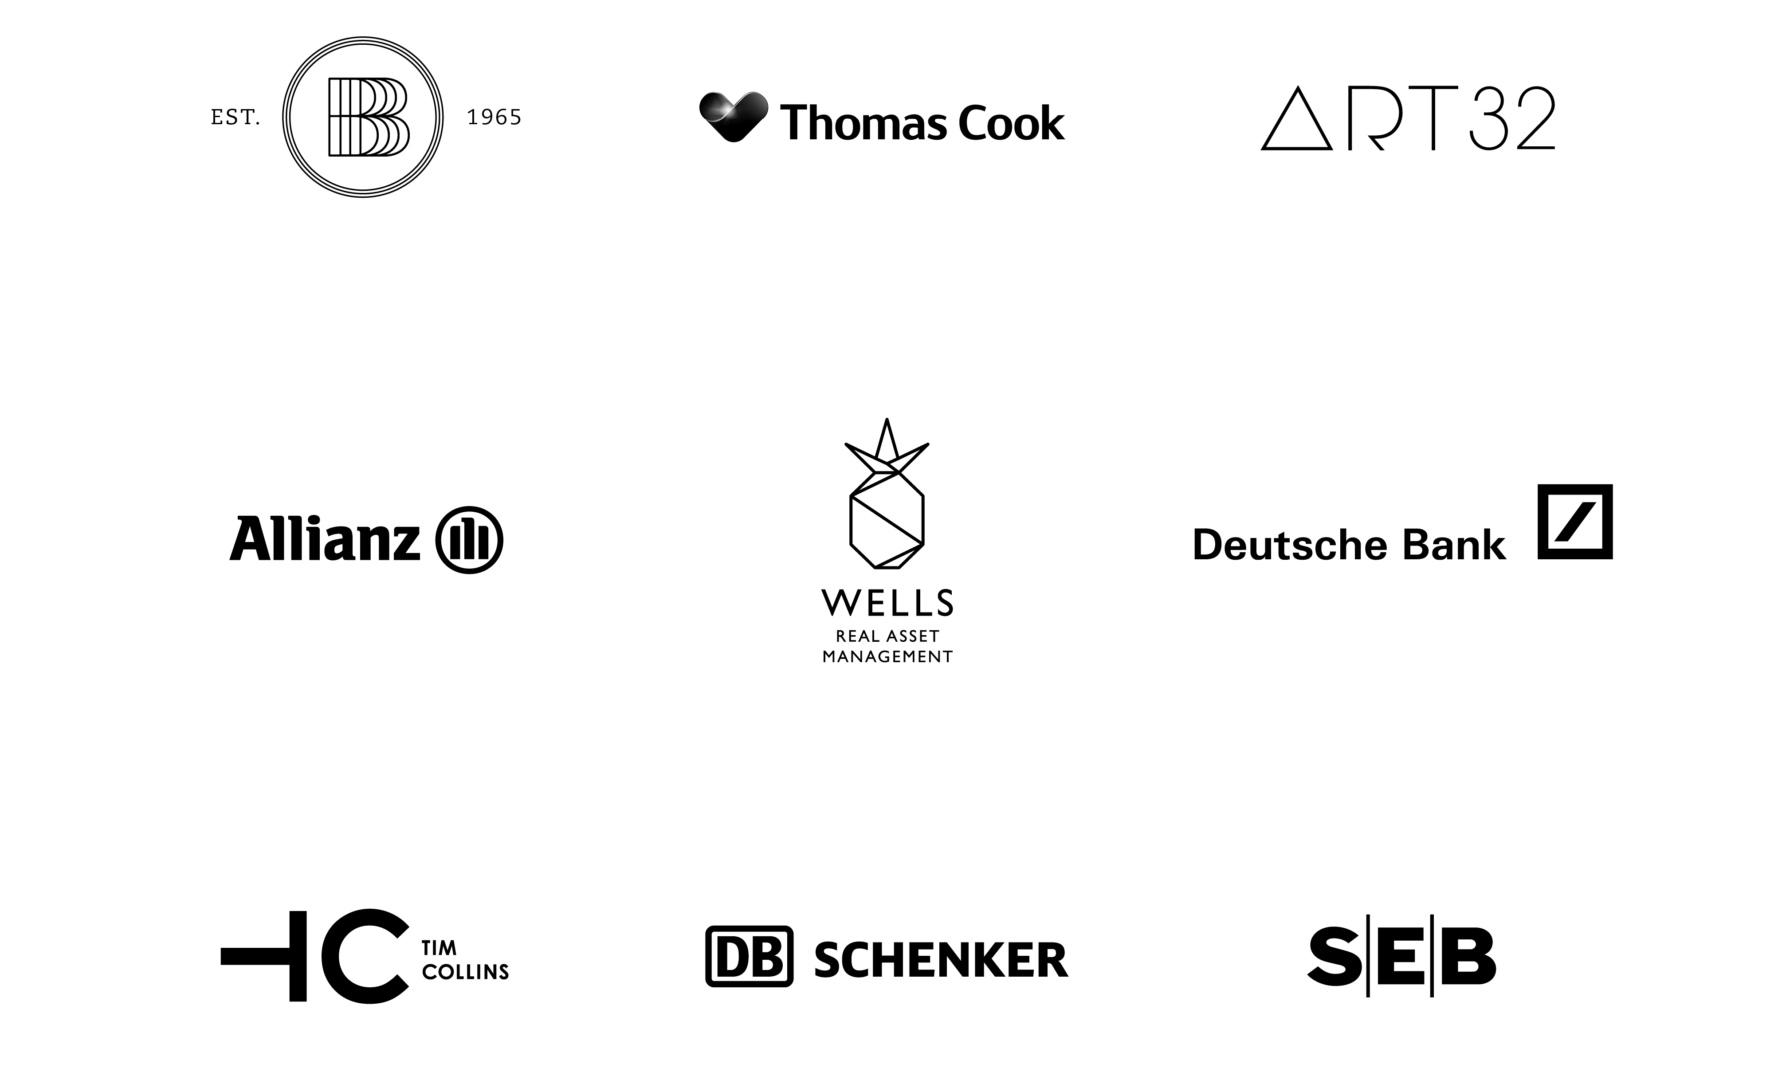 Twentyone Brands_Kunden_Smartphone-hoch_2